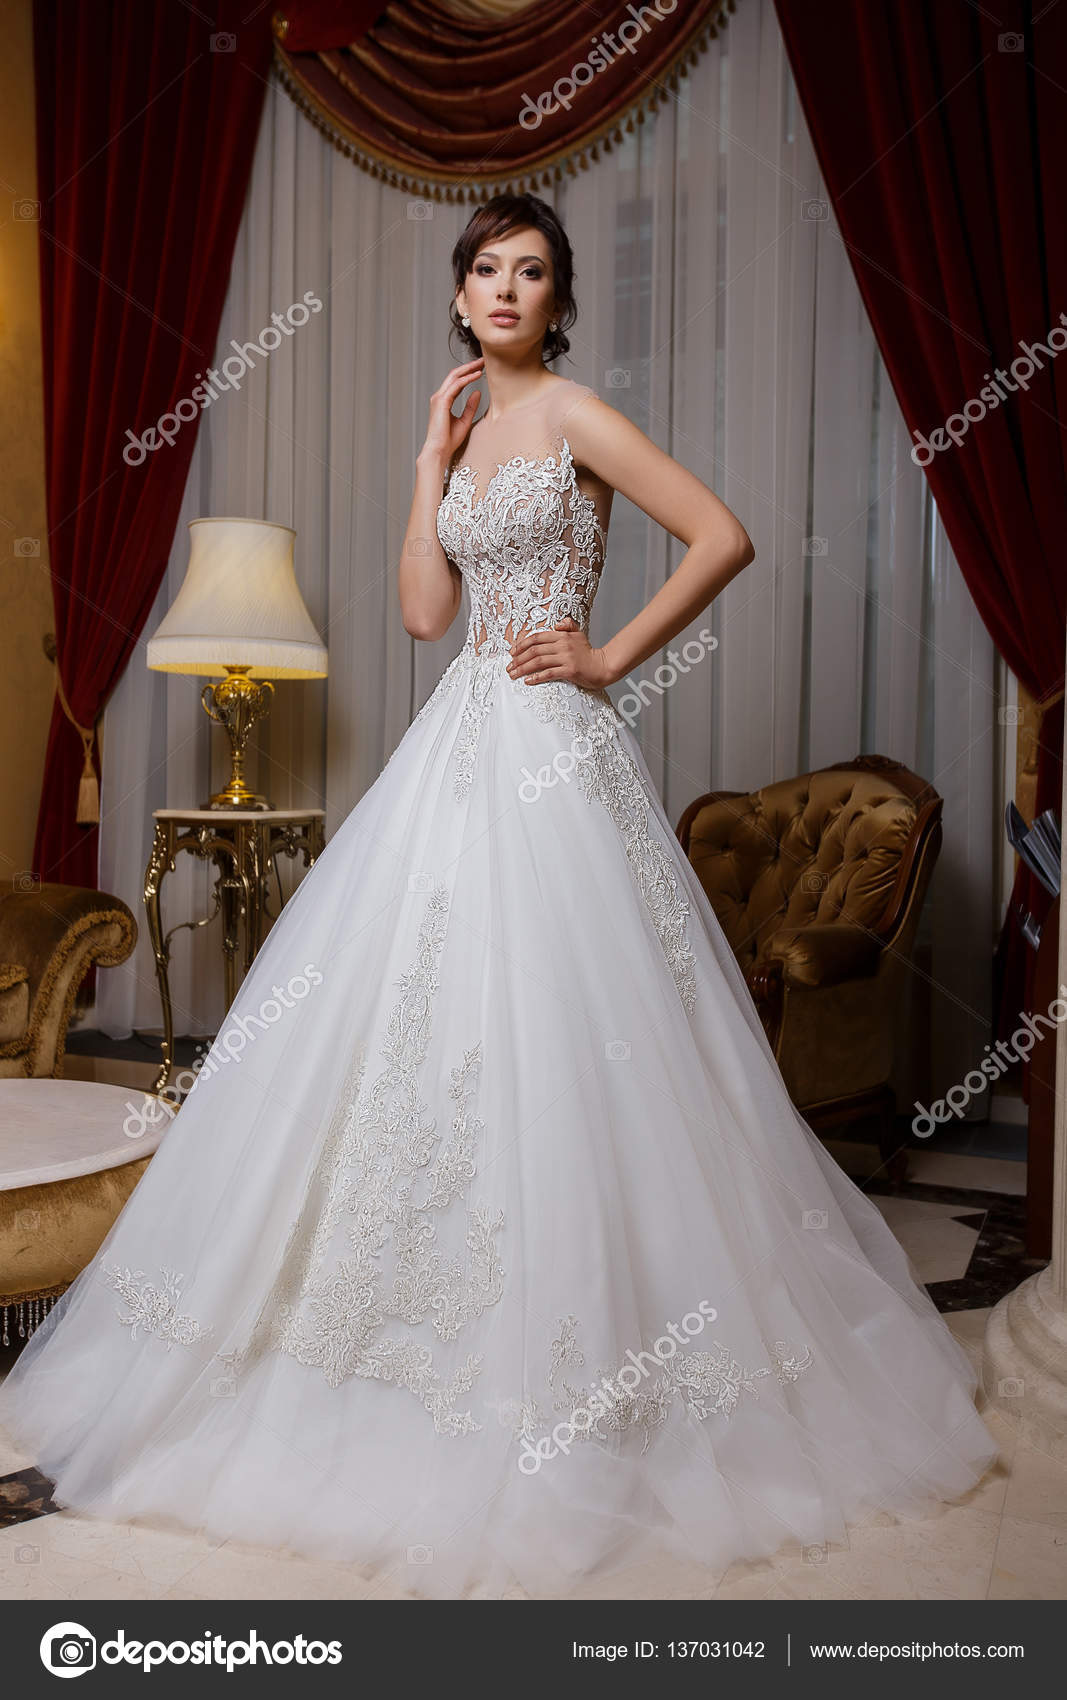 Piękna Kobieta W Romantyczne Wesele Sukienka Z Koronki Na Tle